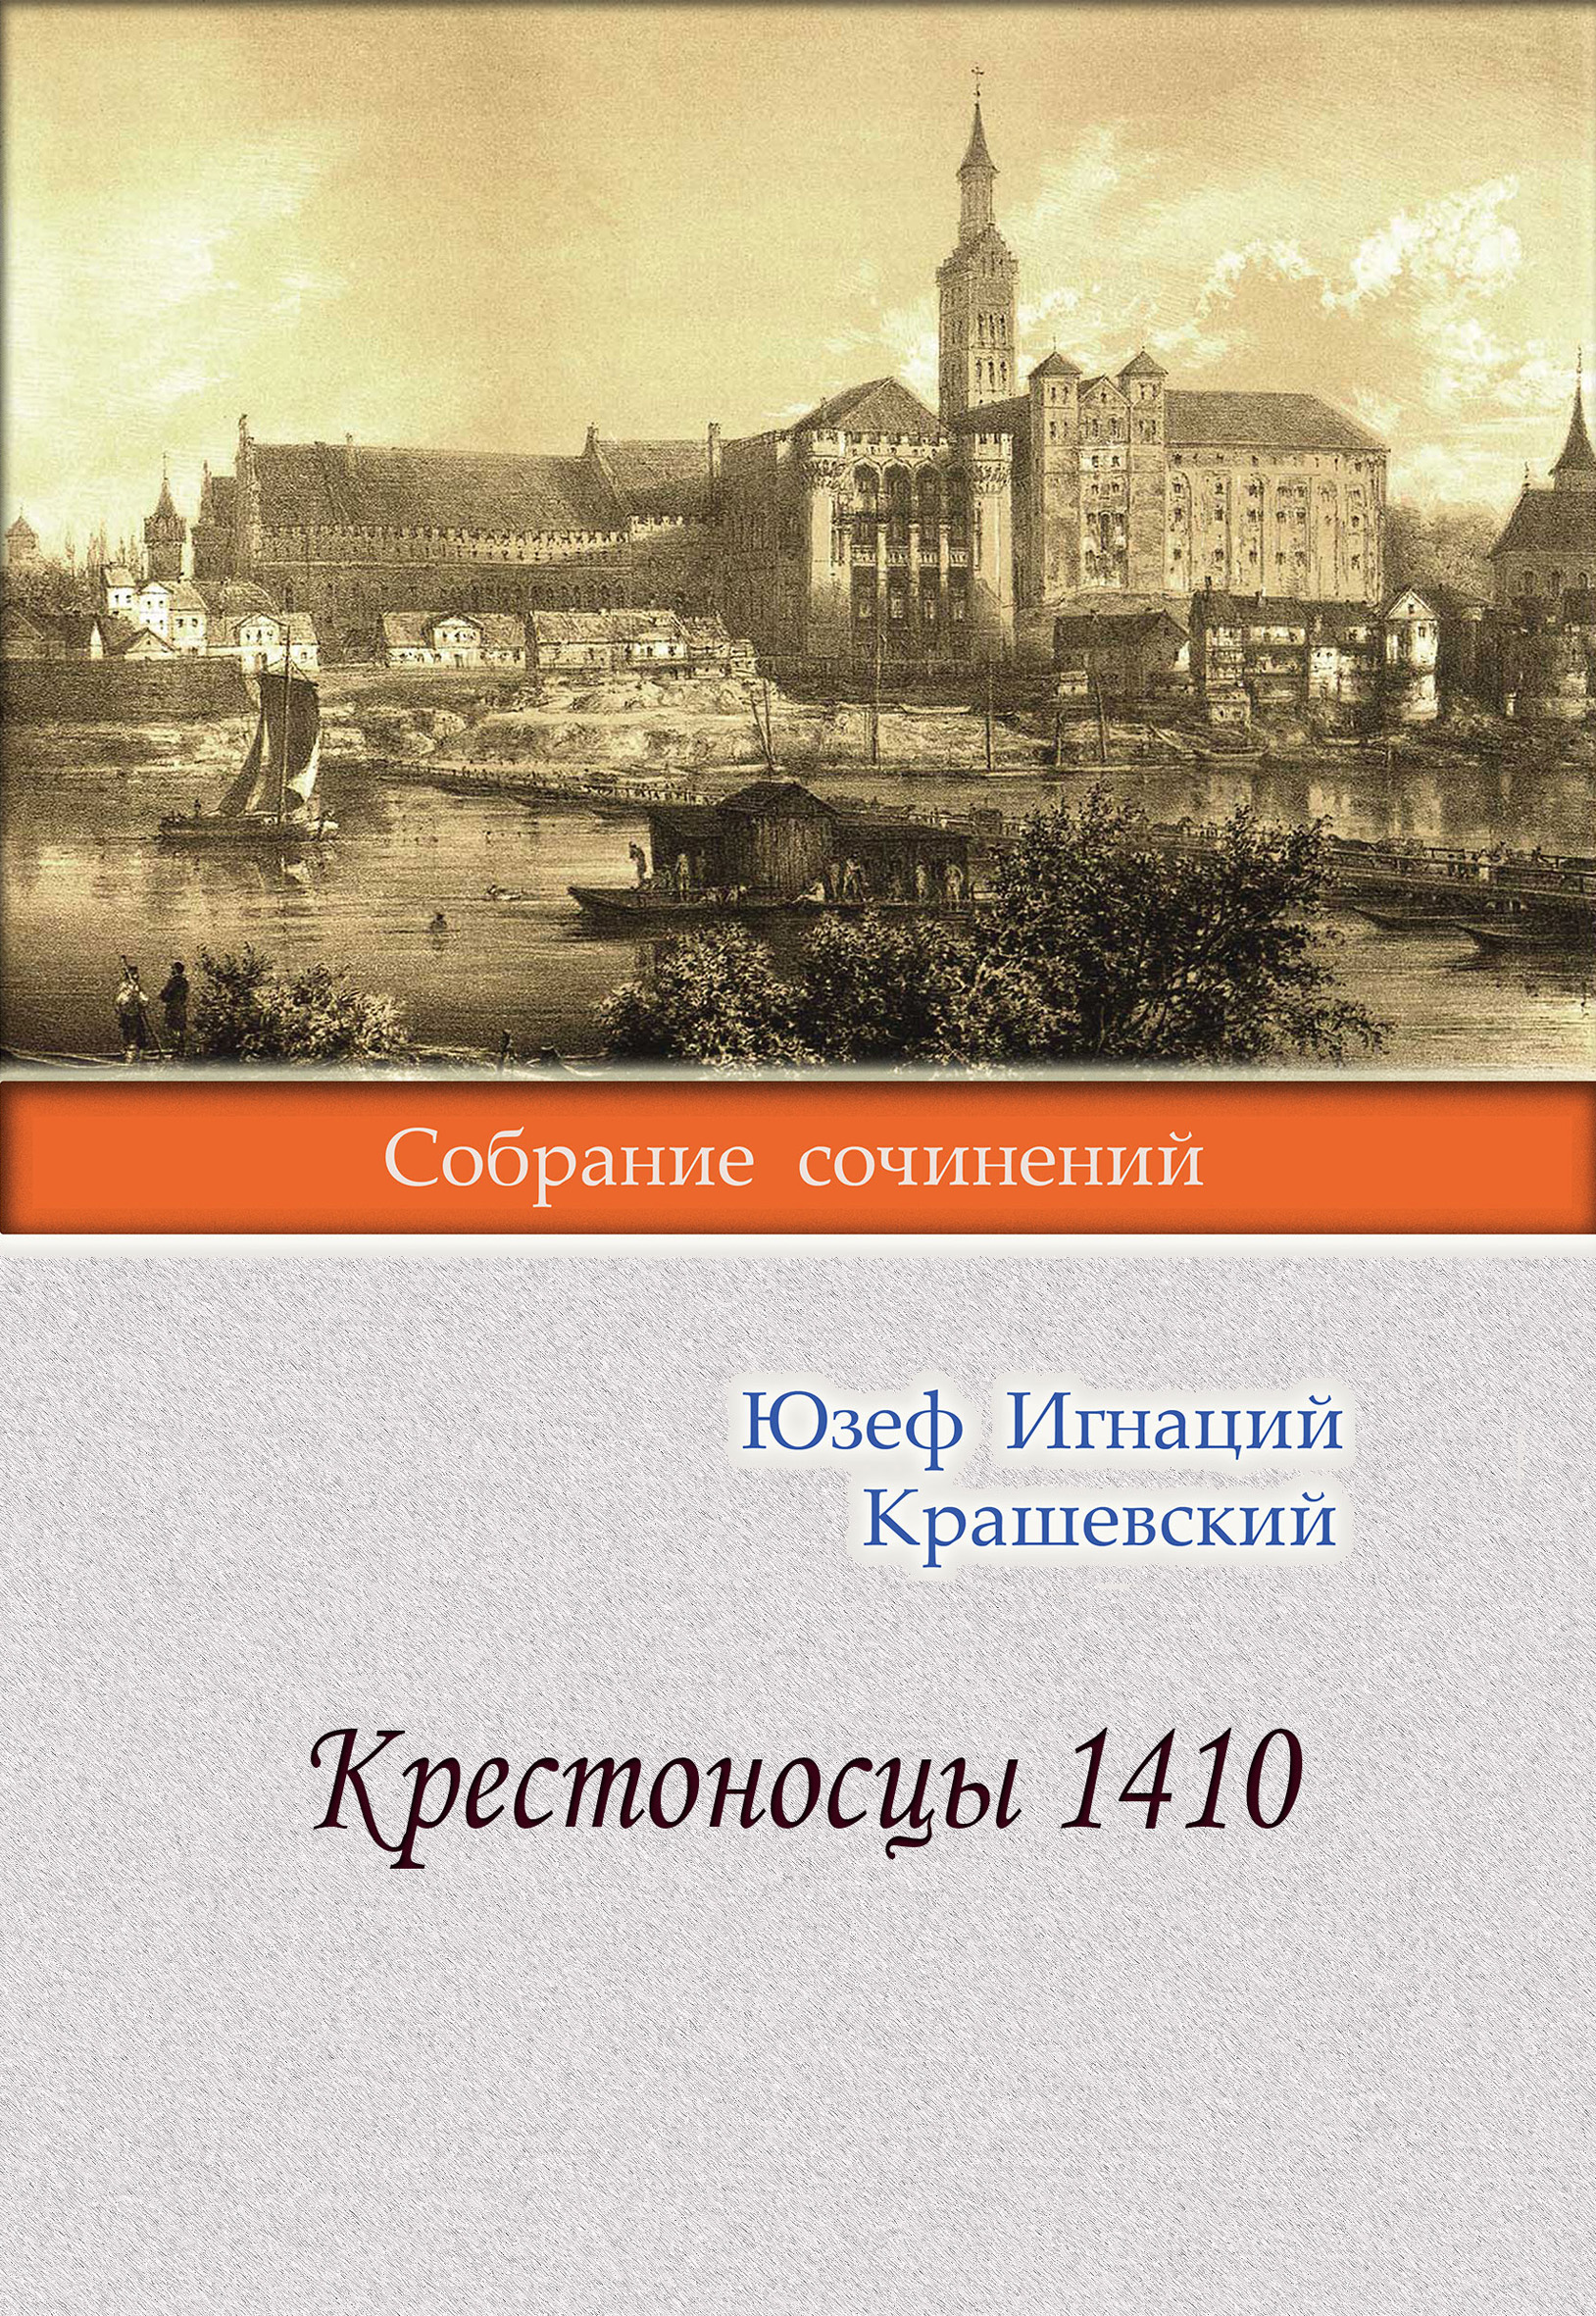 Юзеф Игнаций Крашевский Крестоносцы 1410 крашевский юзеф игнаций безымянная